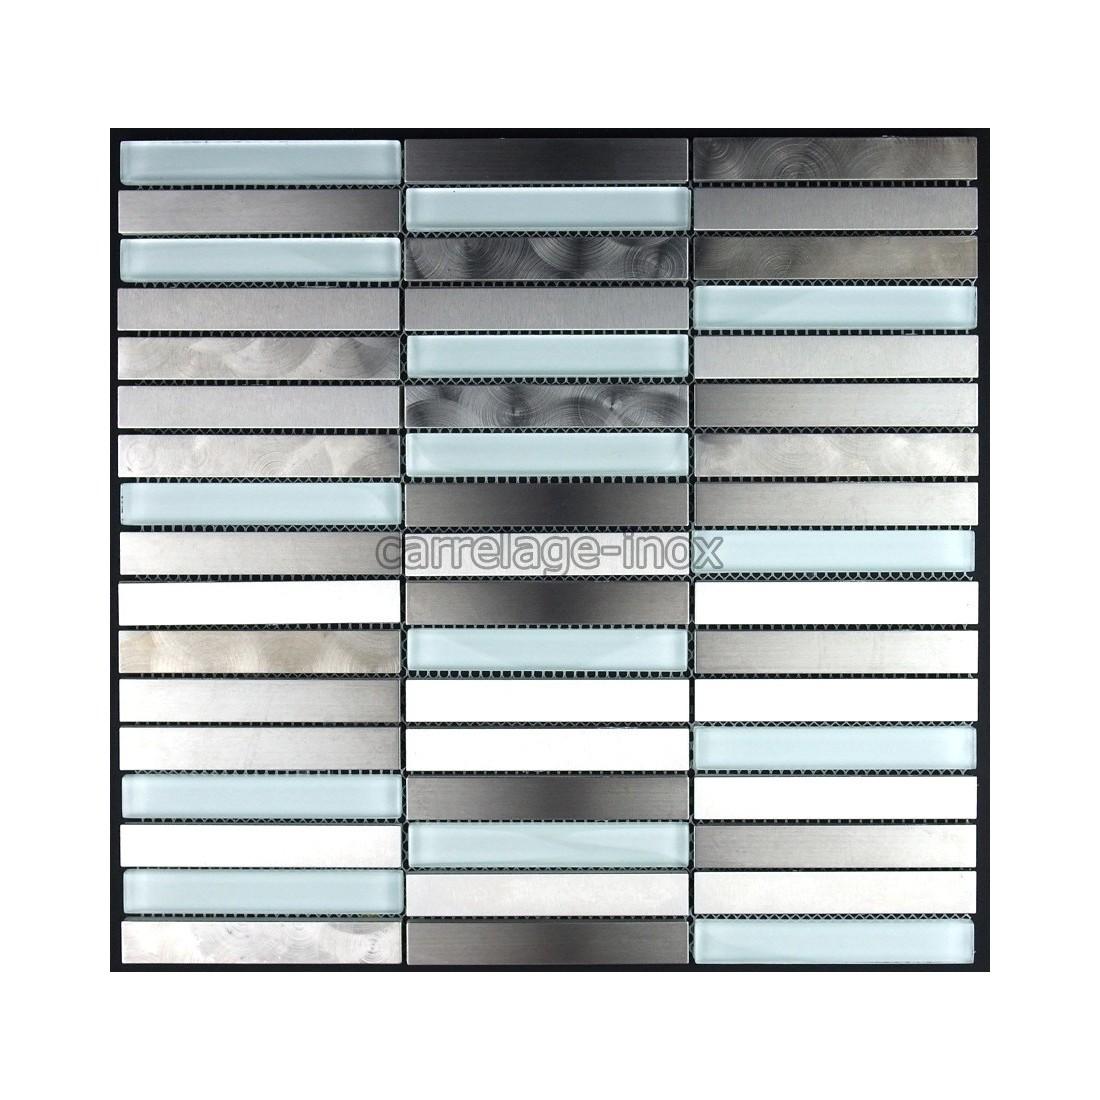 Carrelage inox et verre mosaique plan travail cuisine for Plan travail salle de bain verre